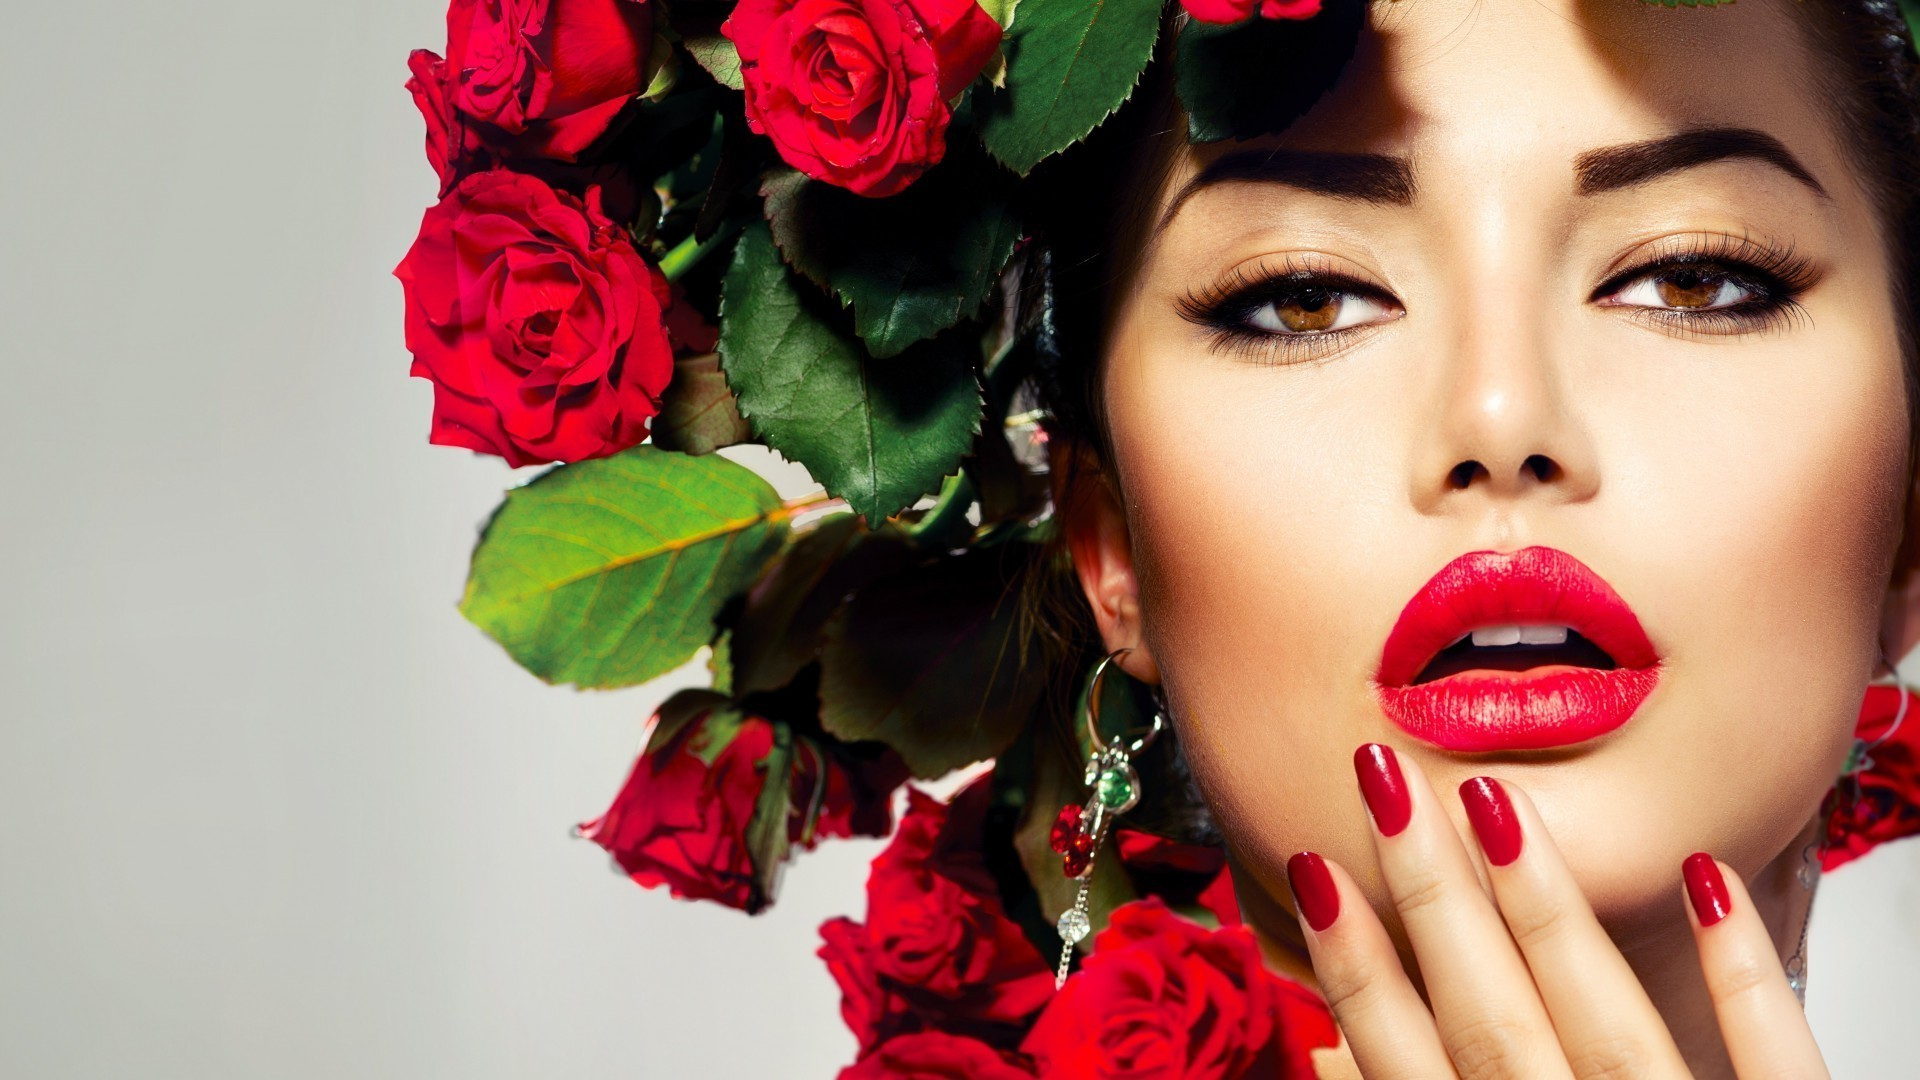 Как сделать макияж с эффектом фотошопа ffeddb8ab3b